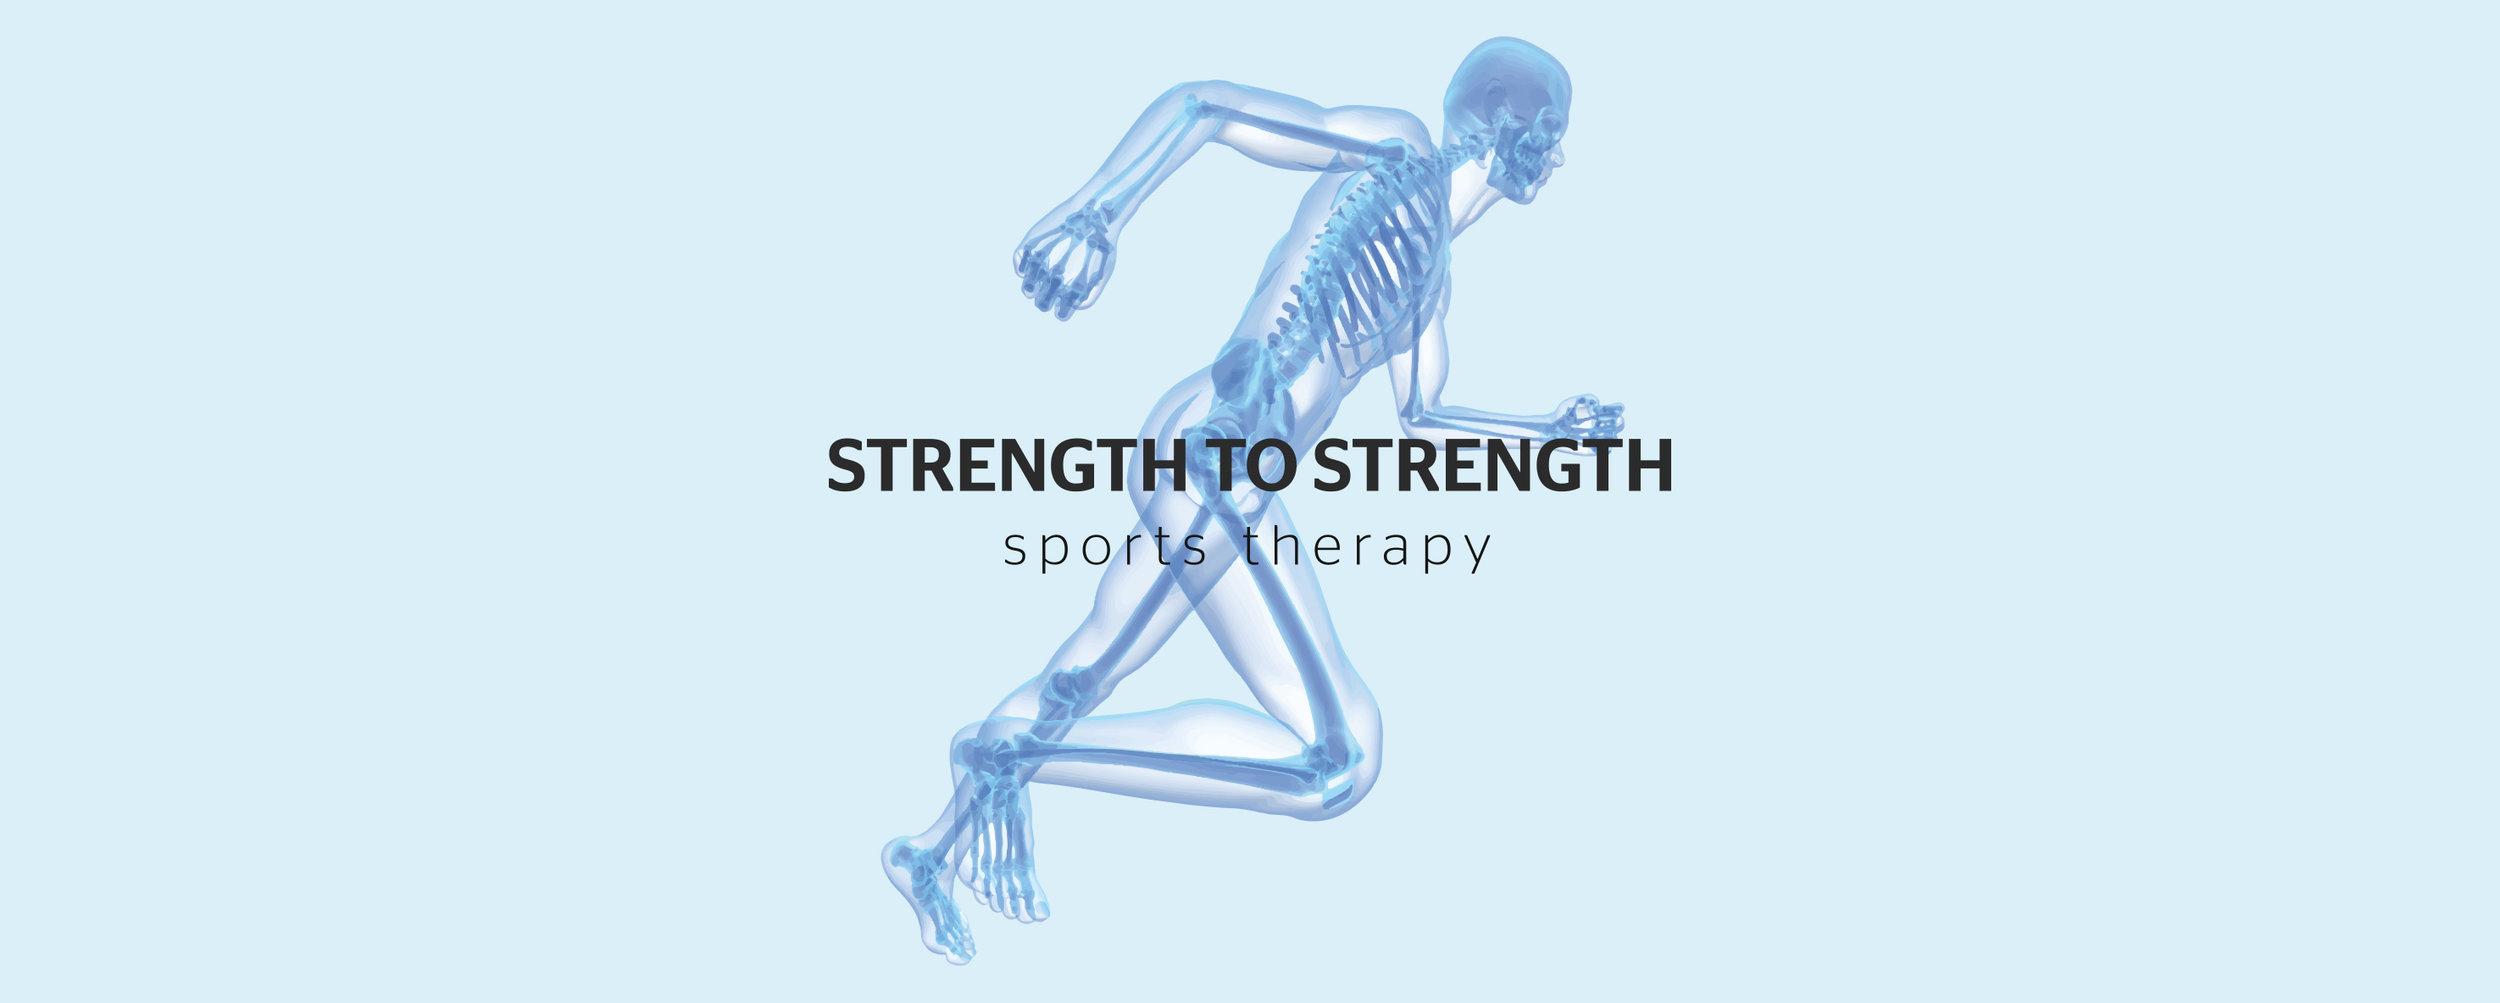 strength to strength logo design sports